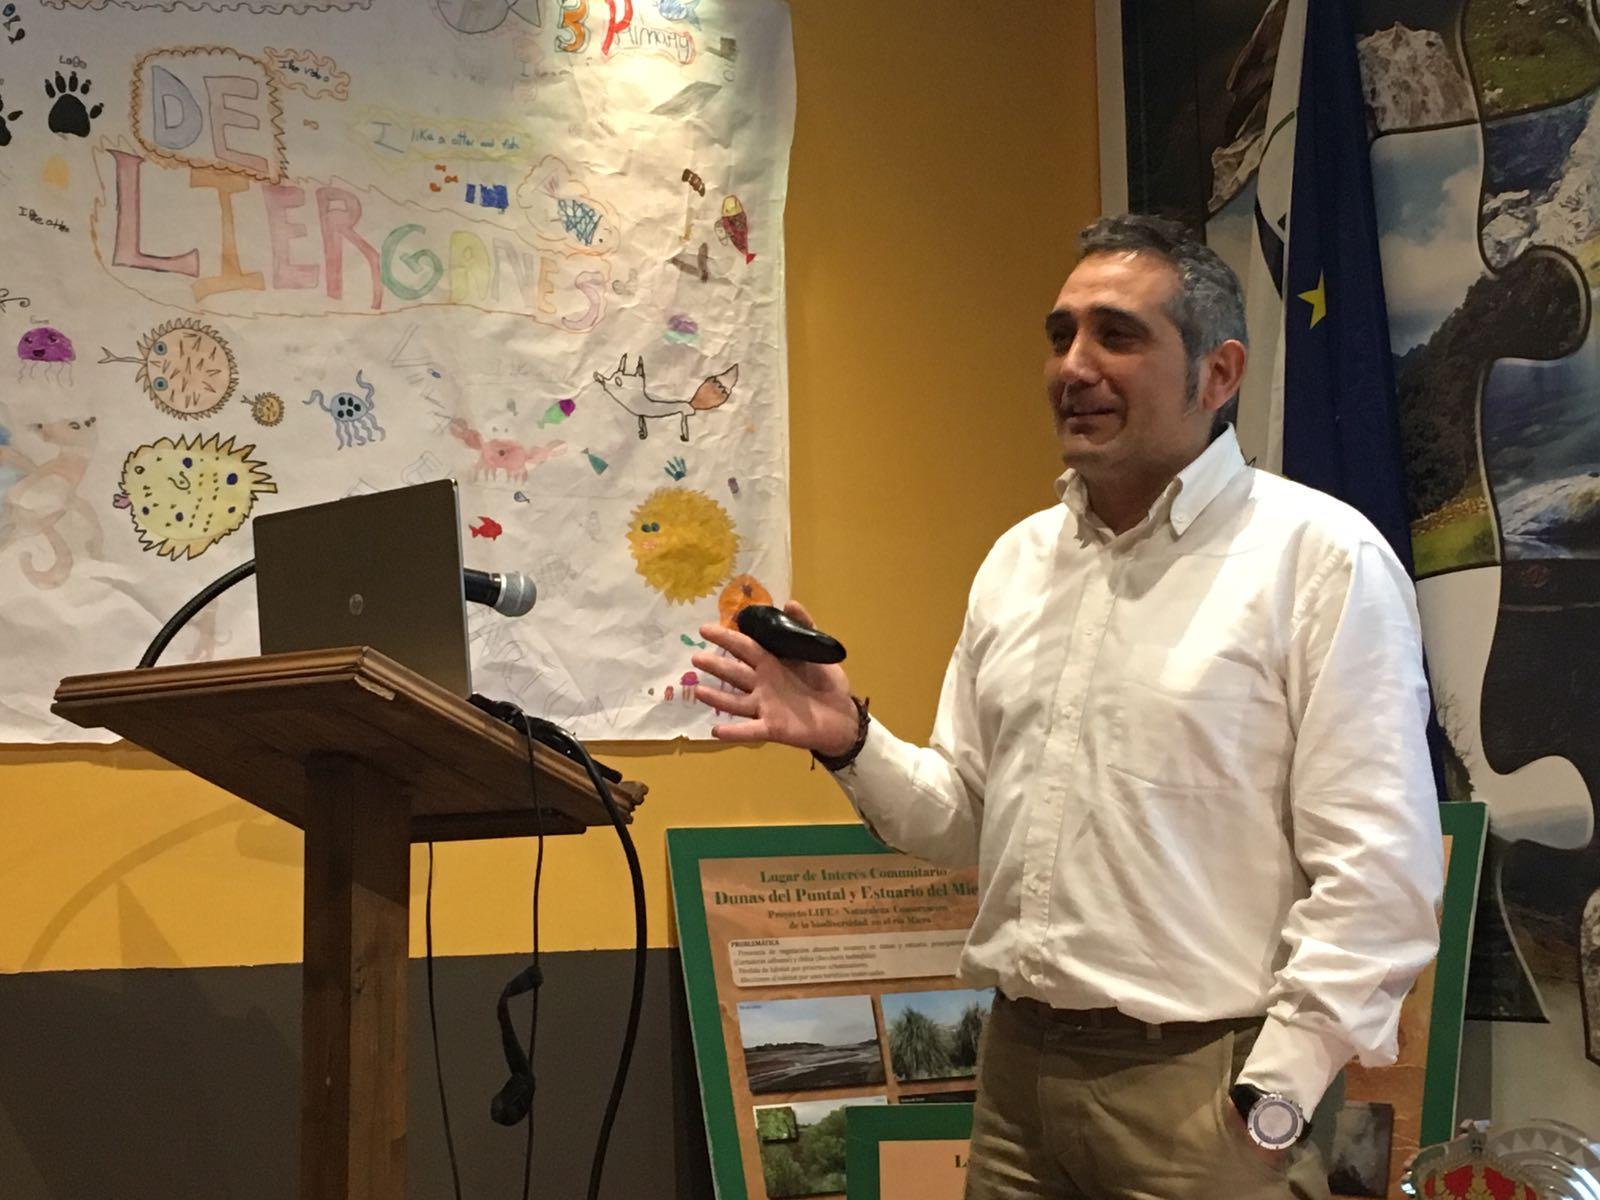 Francisco Javier Espinosa, jefe del Servicio de Montes de la Dirección General del Medio Natural del Gobierno de Cantabria